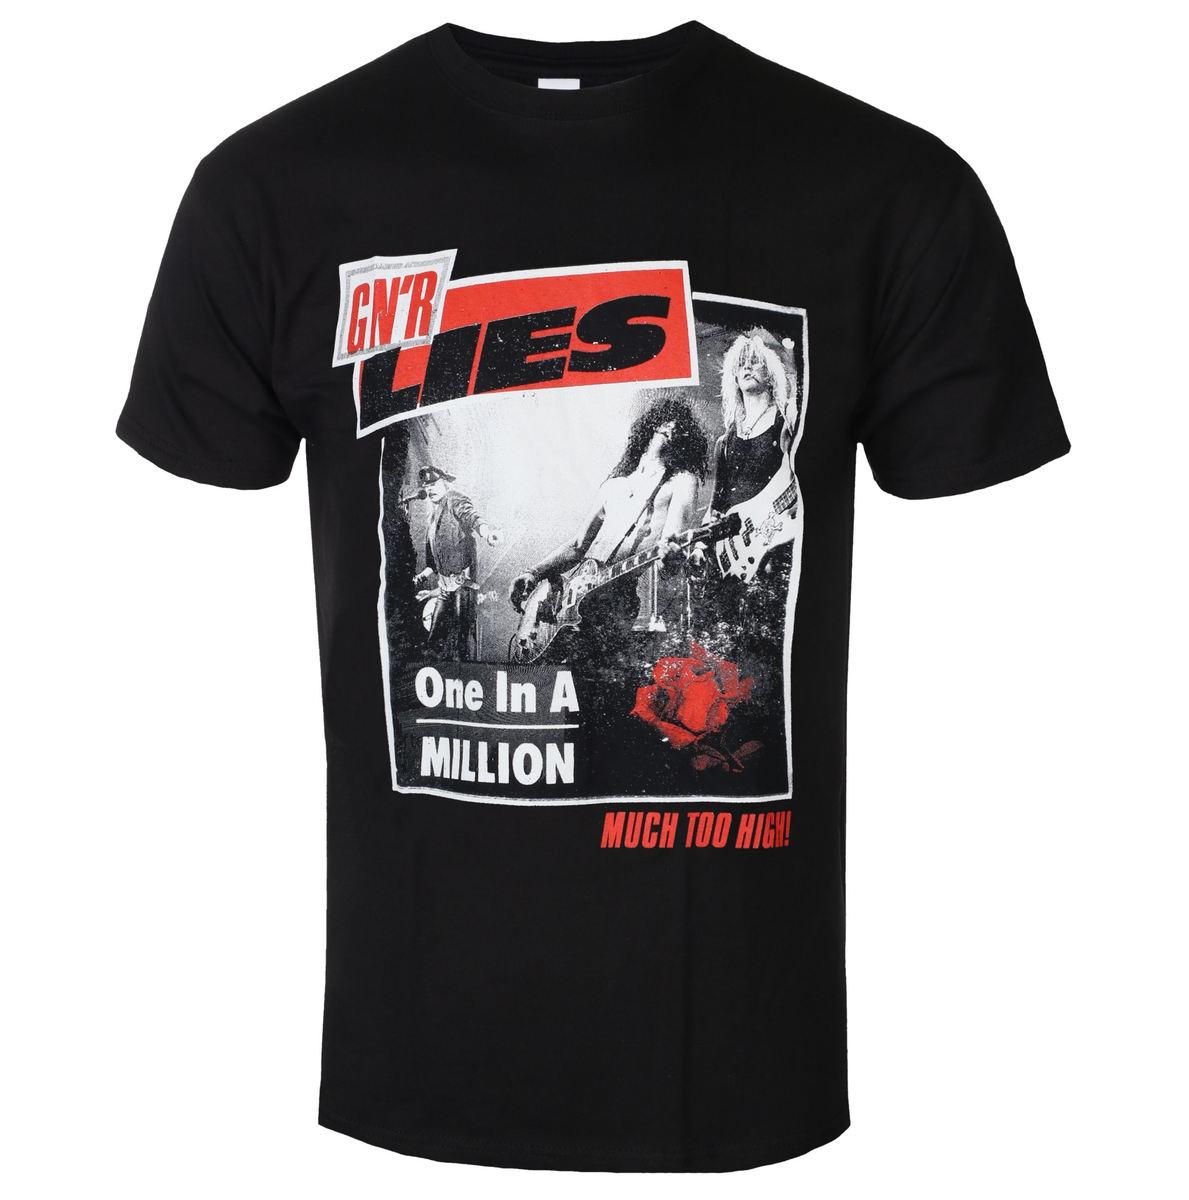 Triďż˝ko metal pďż˝nskďż˝ Guns N' Roses - One In A Million - ROCK OFF - GNRTS55MB